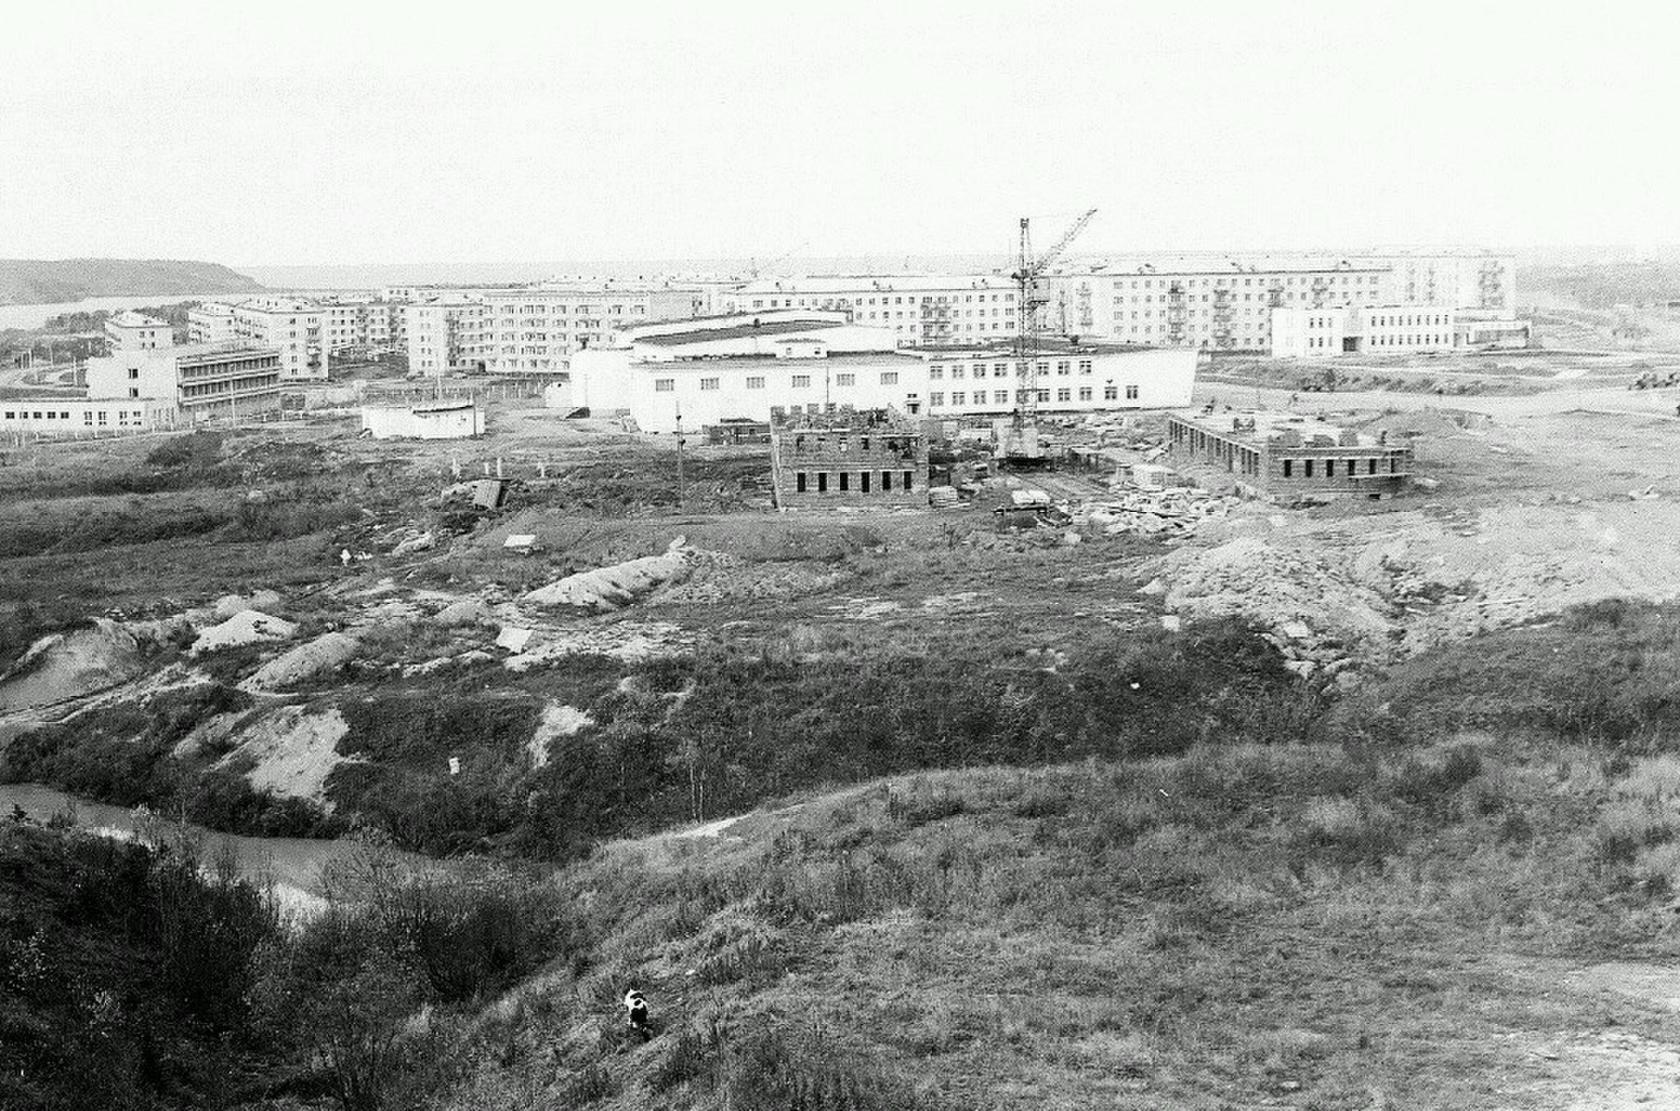 В центре снимка строительство детсада Родничок, далее за ним - Дом культуры и творчества 60 лет Октября